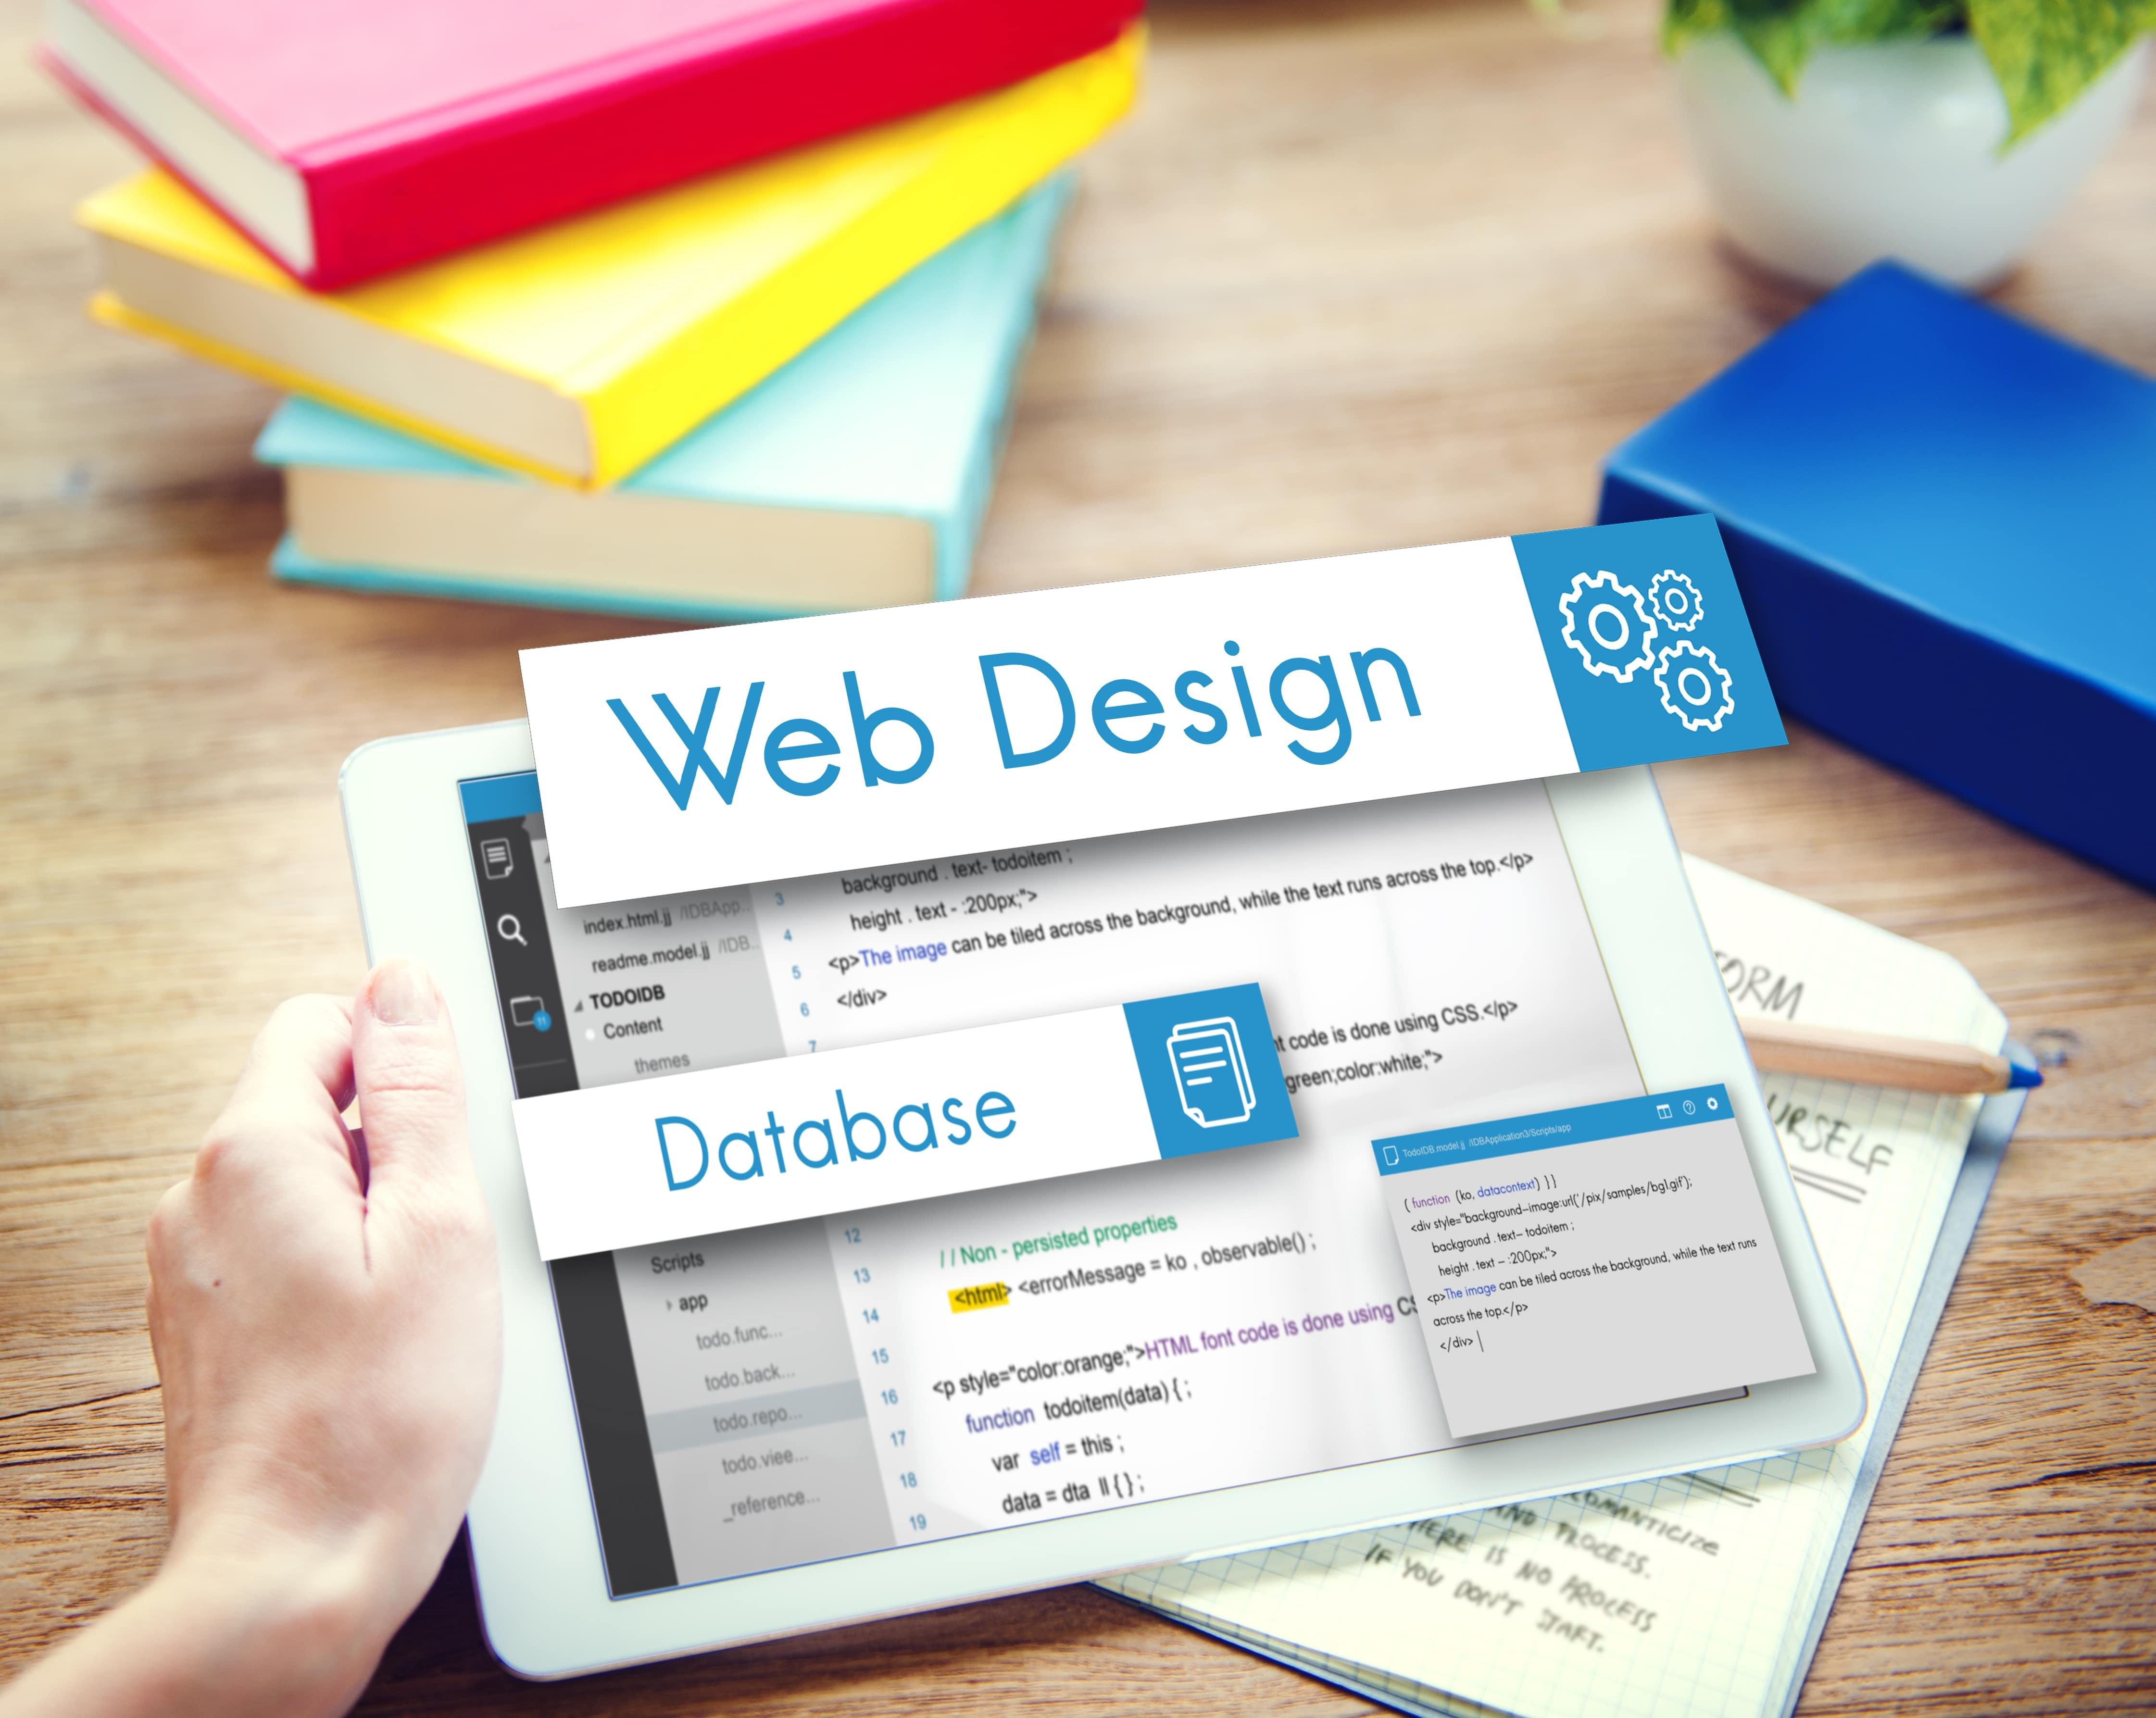 Os métodos, que trabalham com experiência do usuário e interface, são o ouro da Era Digital